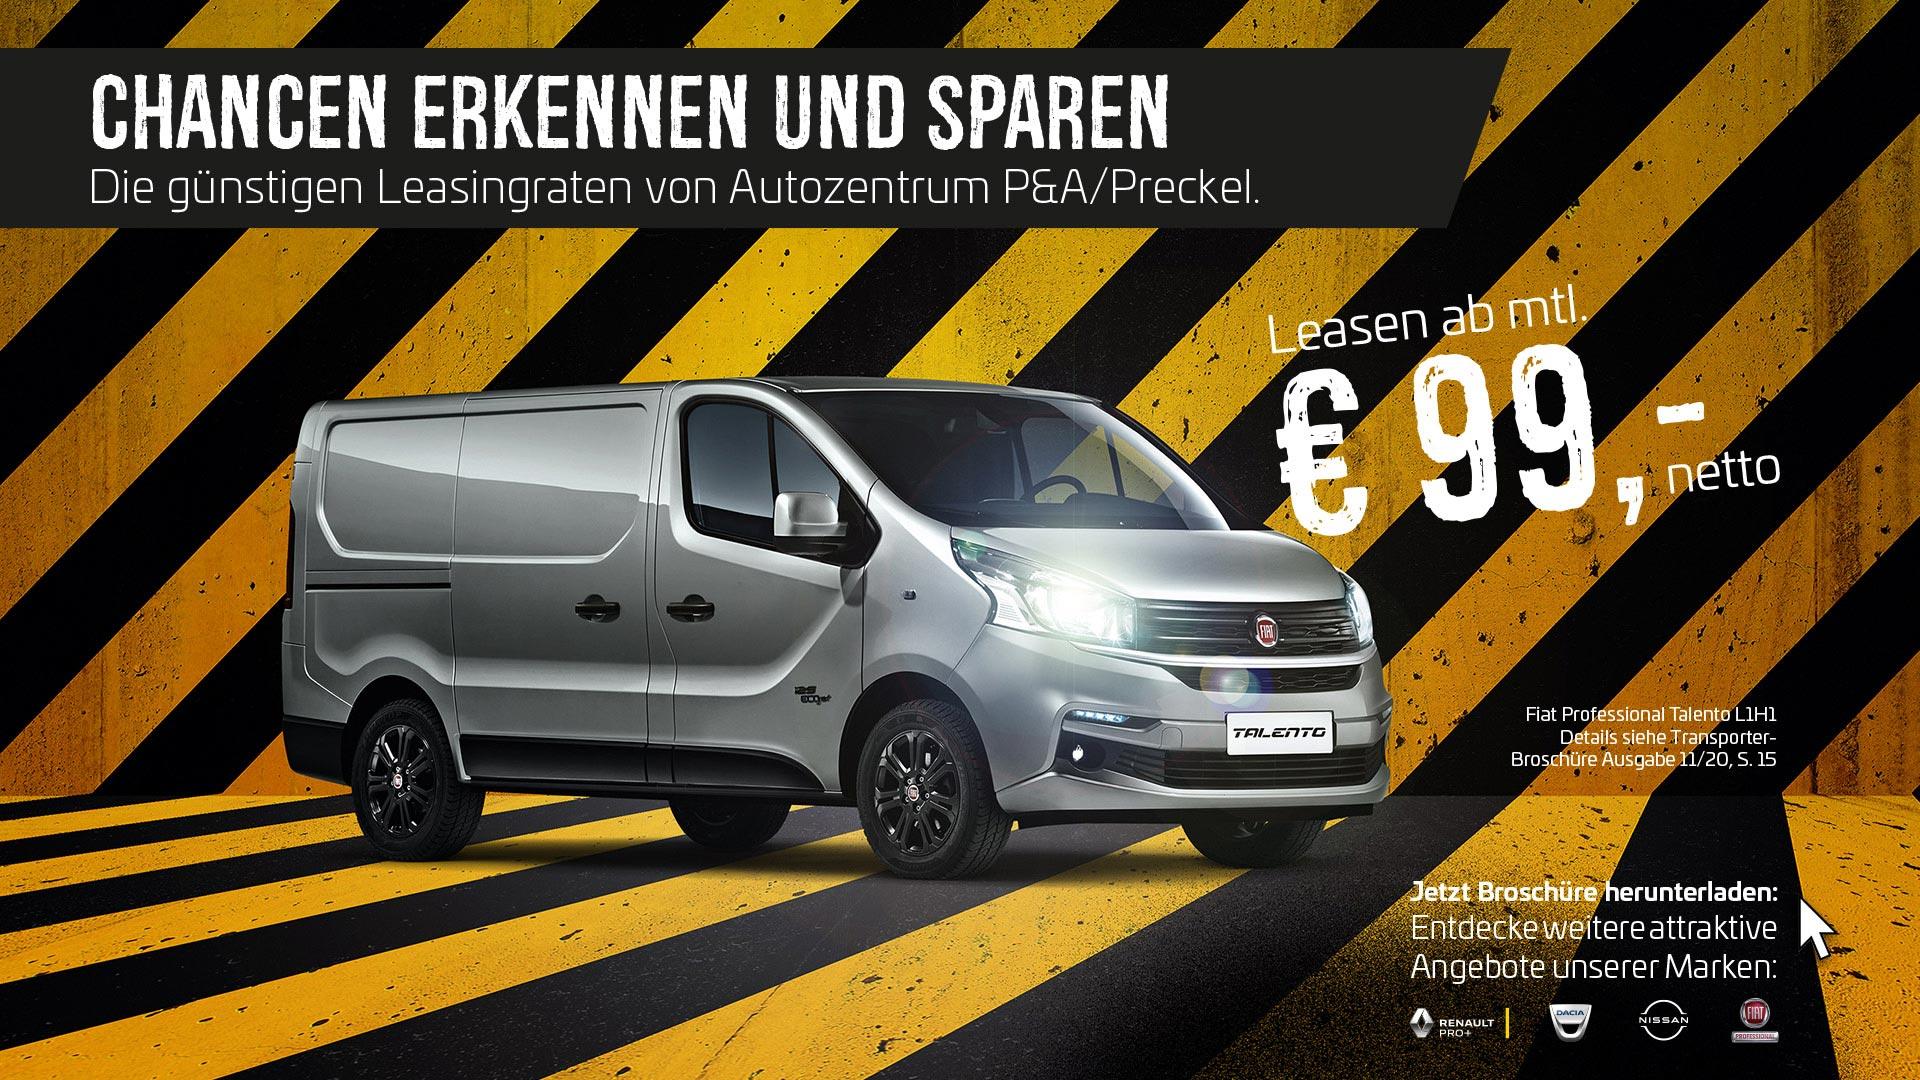 Attraktive Transporter Leasing Angebote von Autozentren P&A